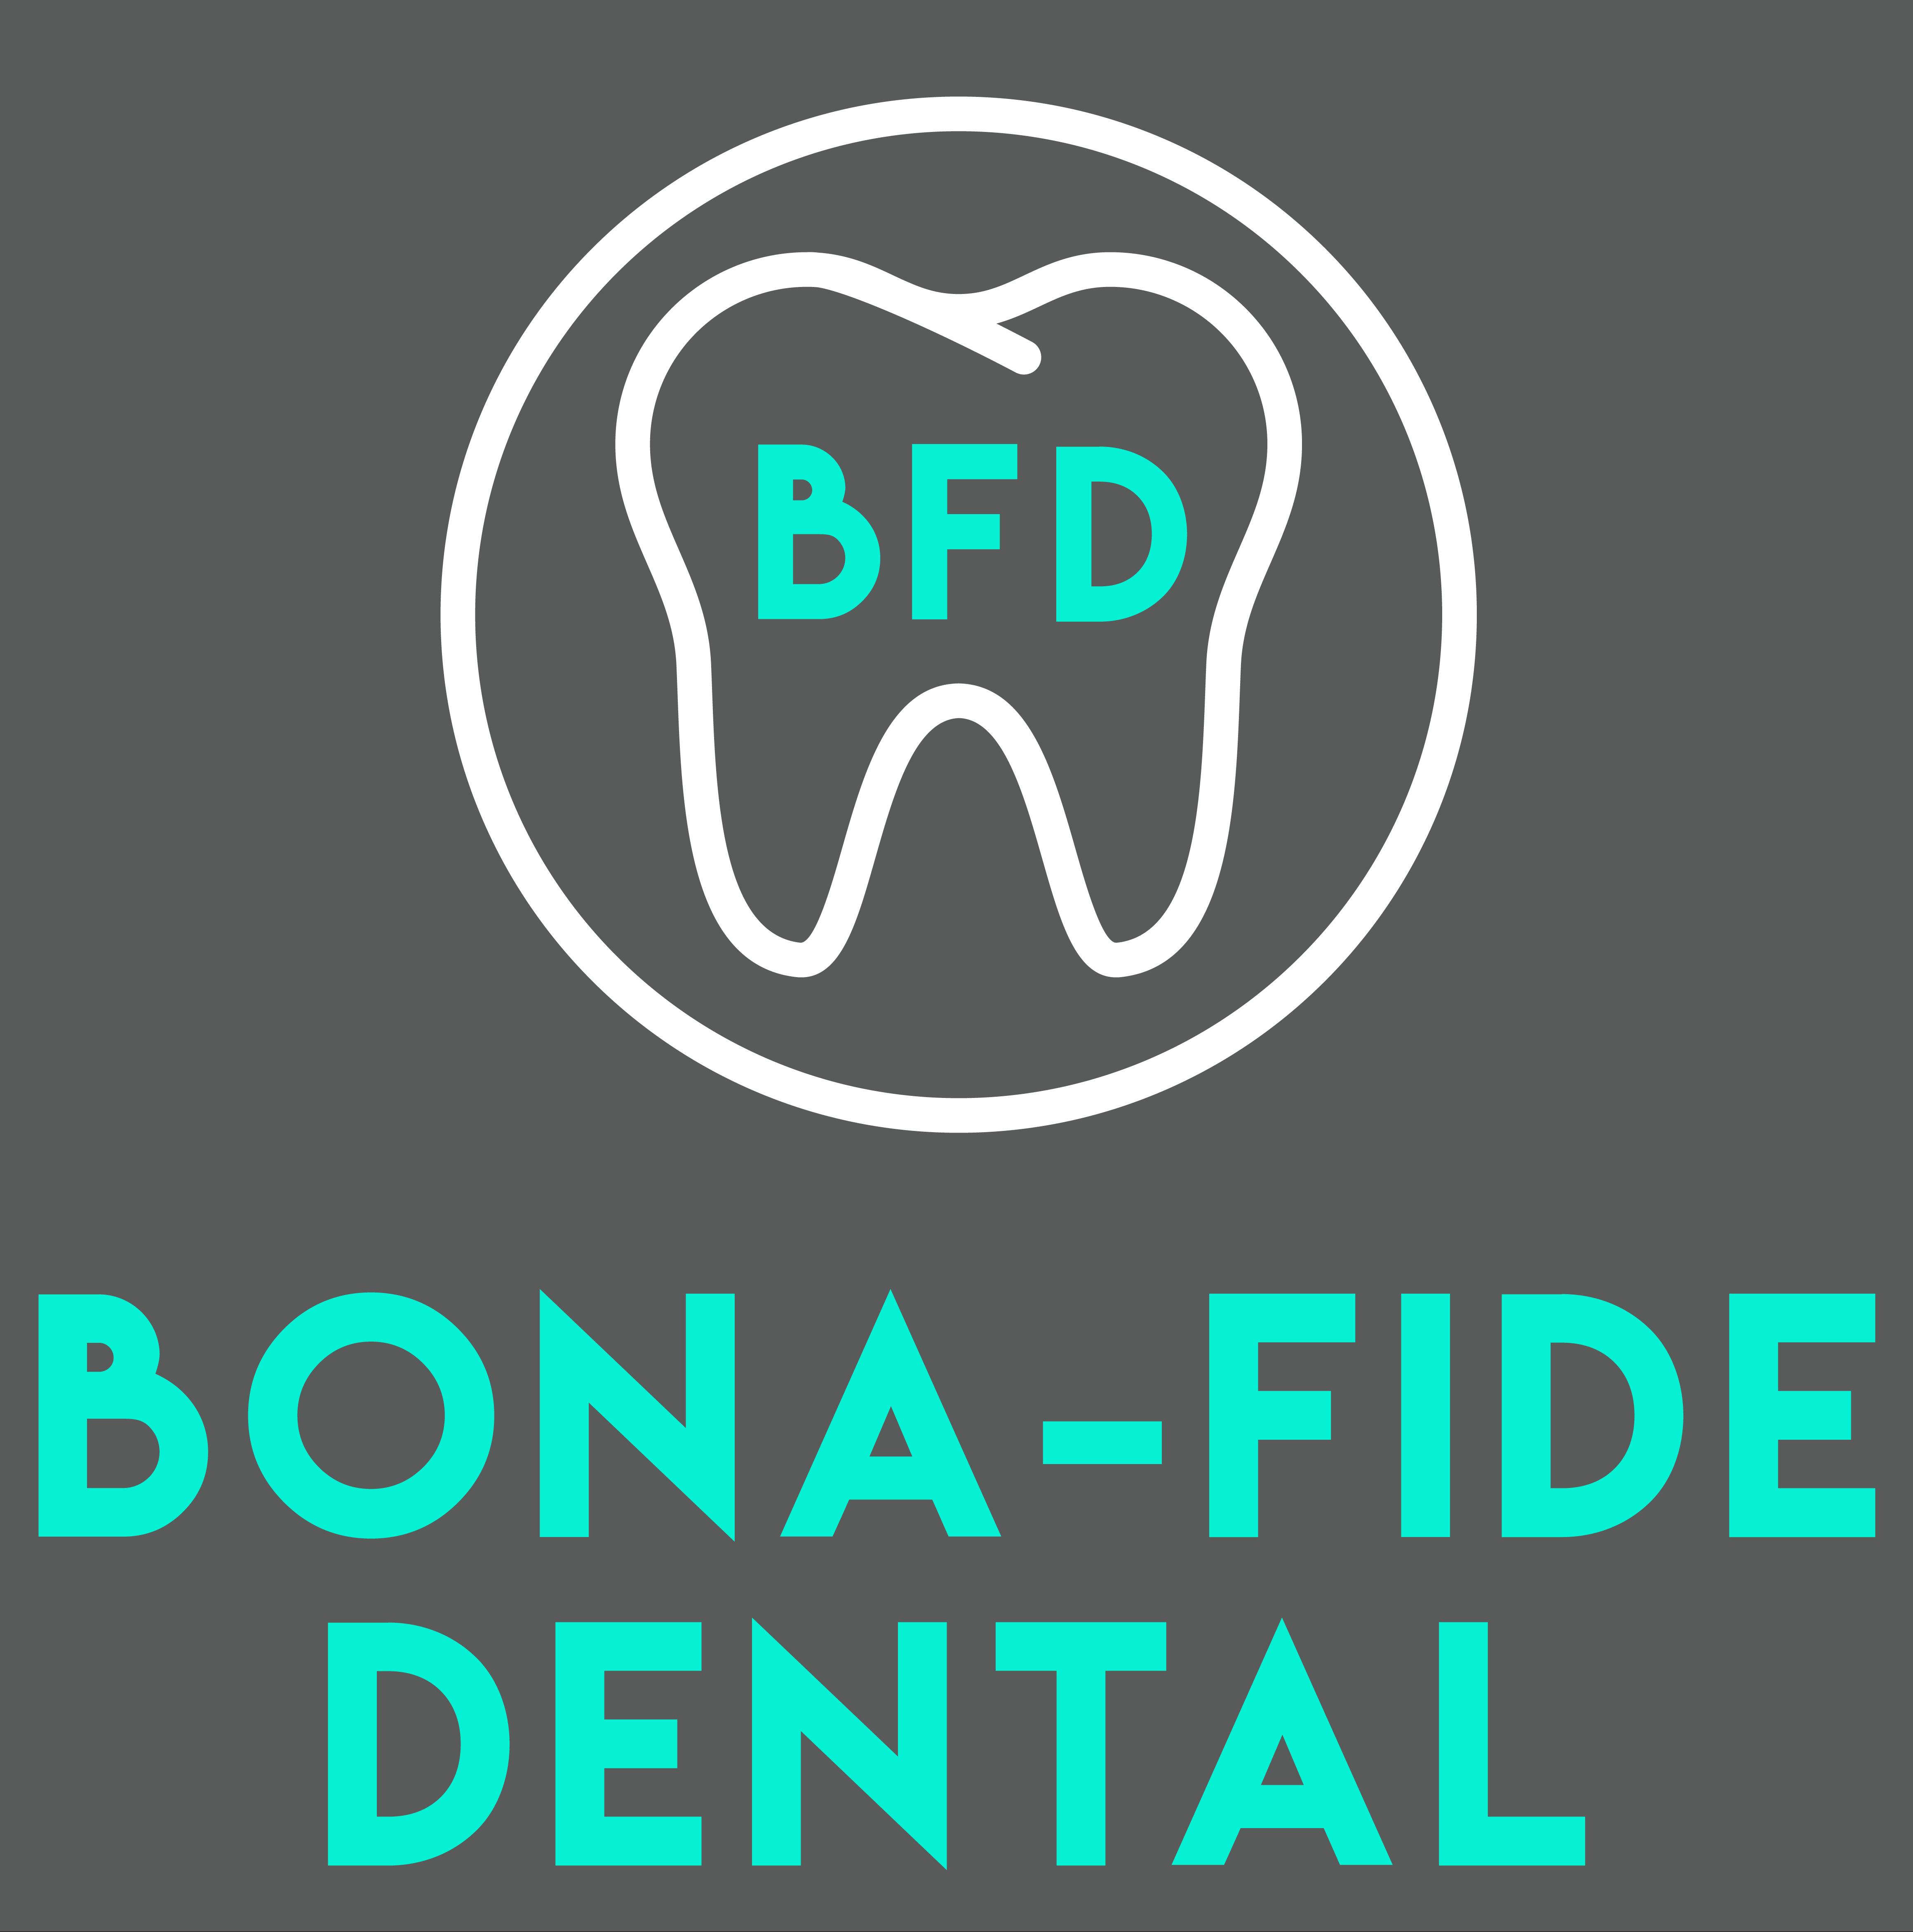 logo for Bona-Fide Dental Dentists